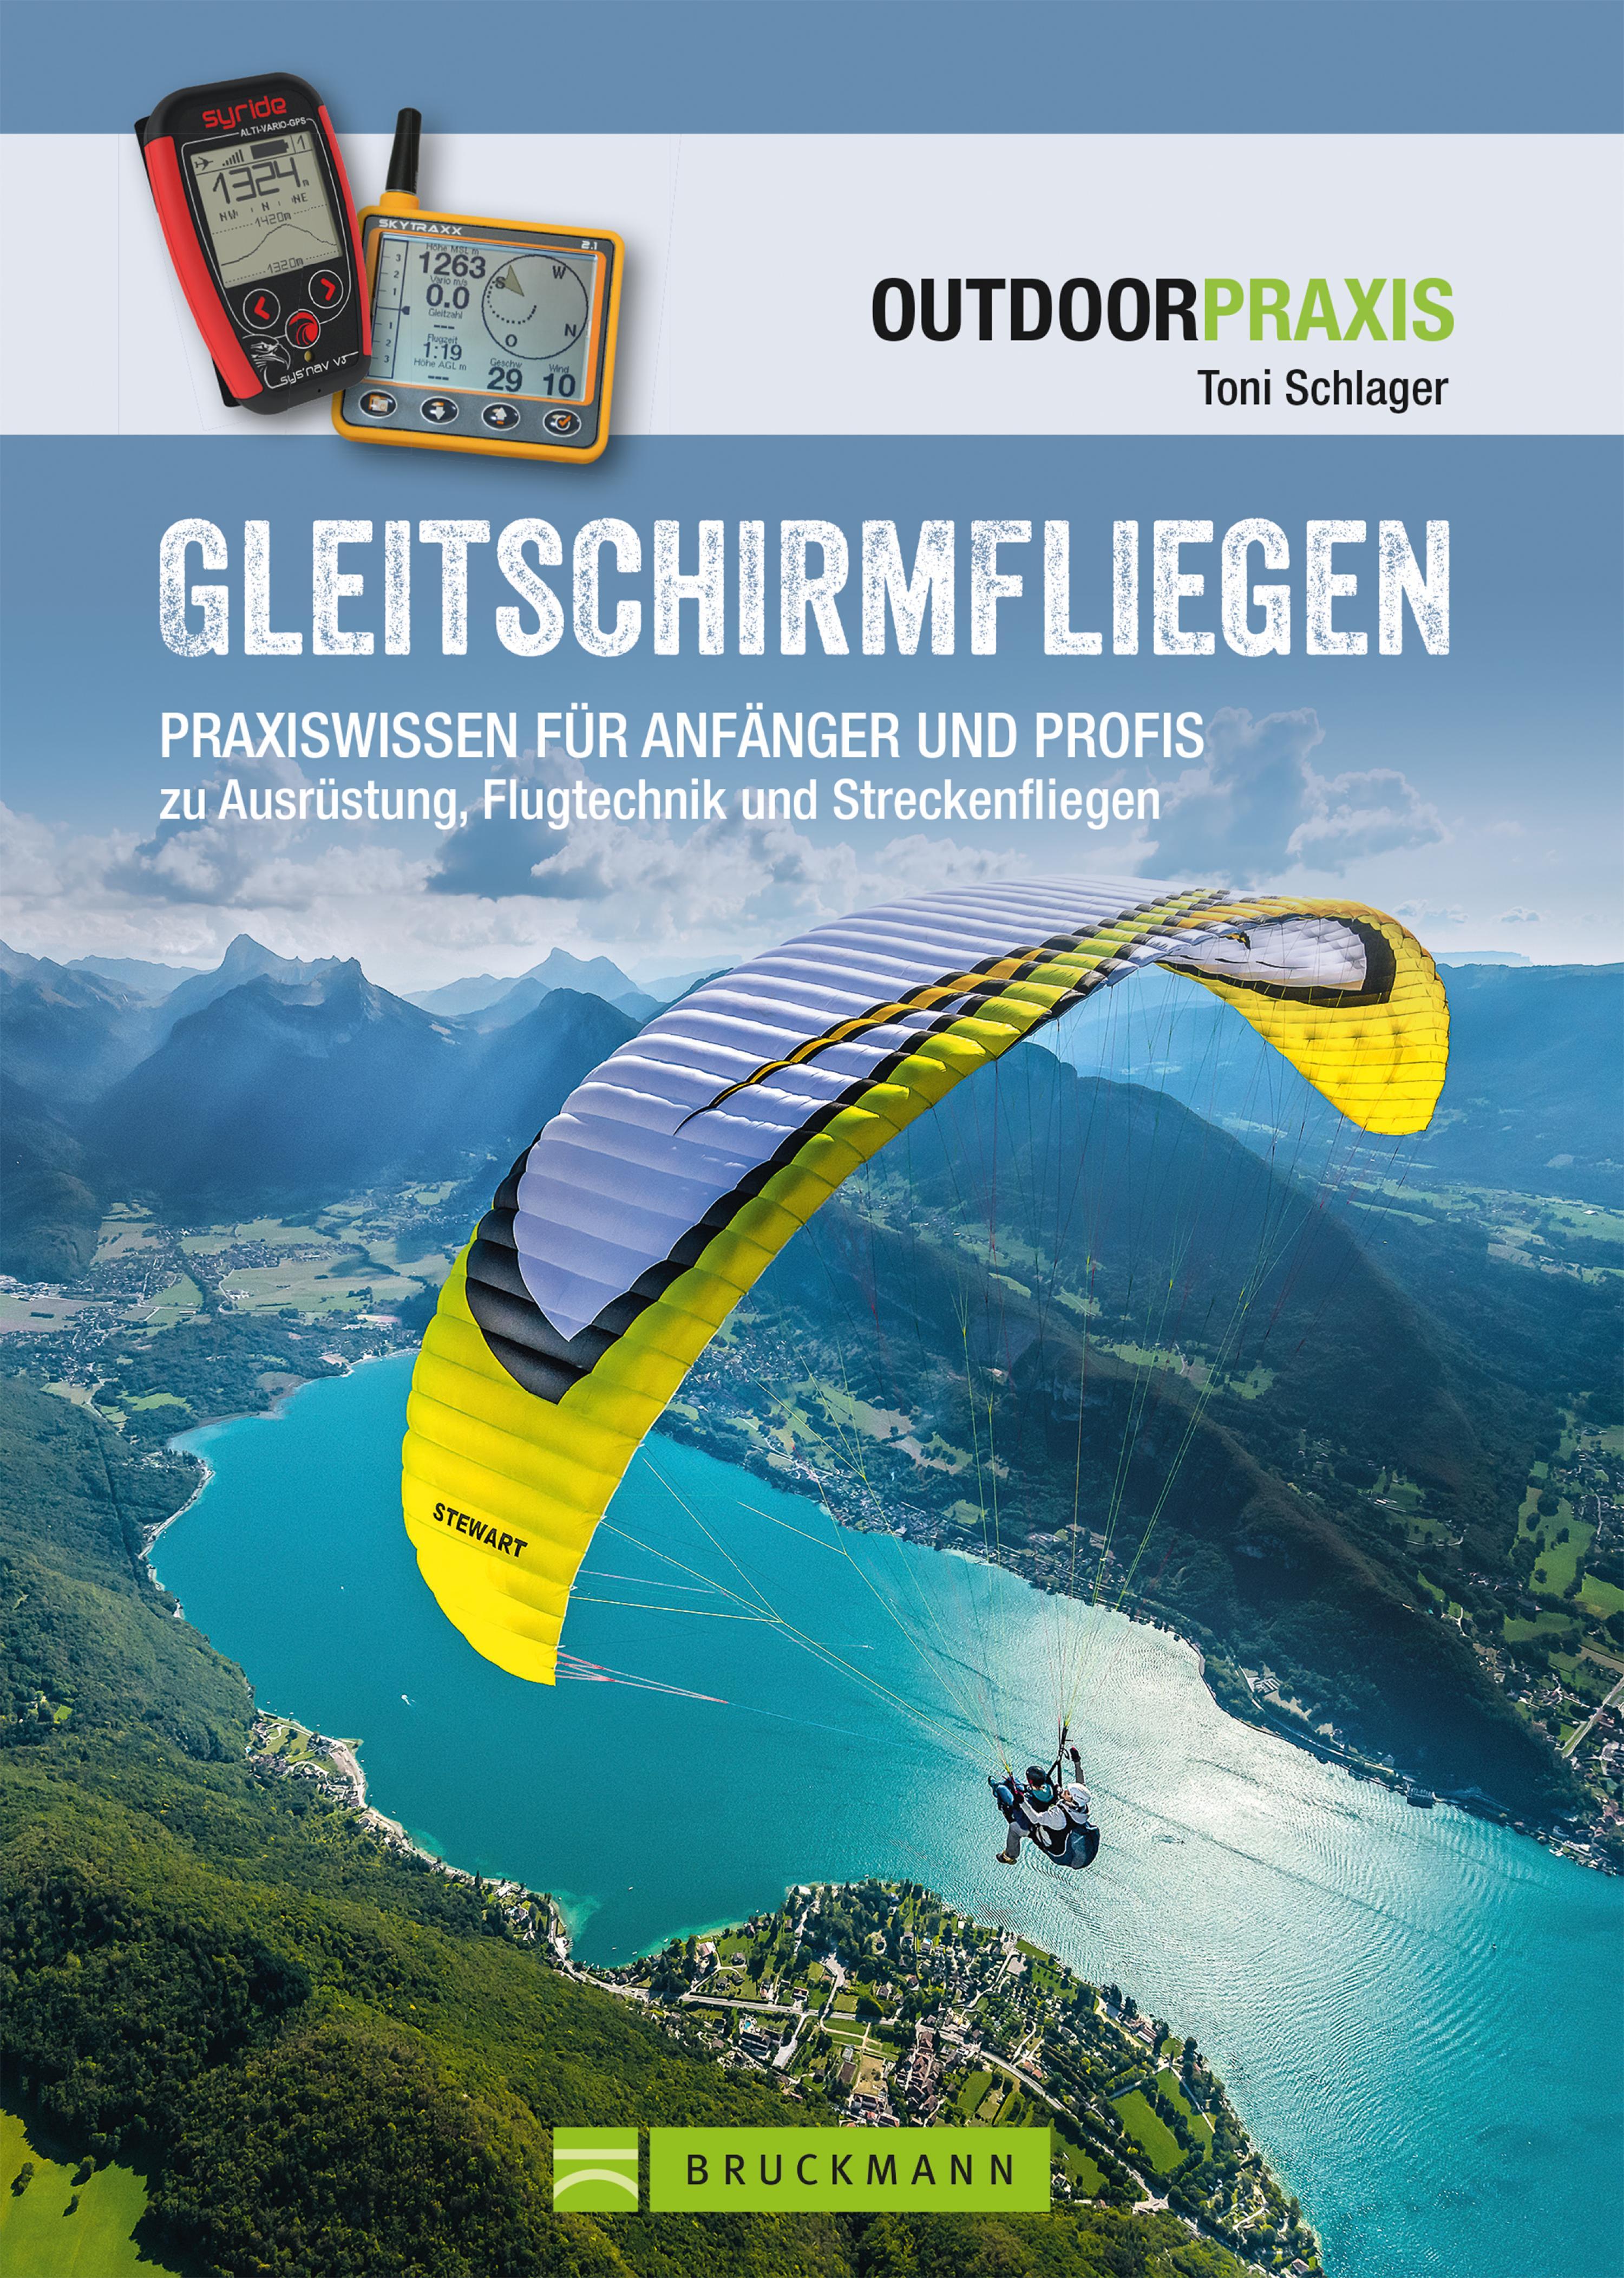 Gleitschirmfliegen: Praxiswissen für Anfänger & Profis zu Ausrüstung, Flugtechnik & Streckenfliegen.